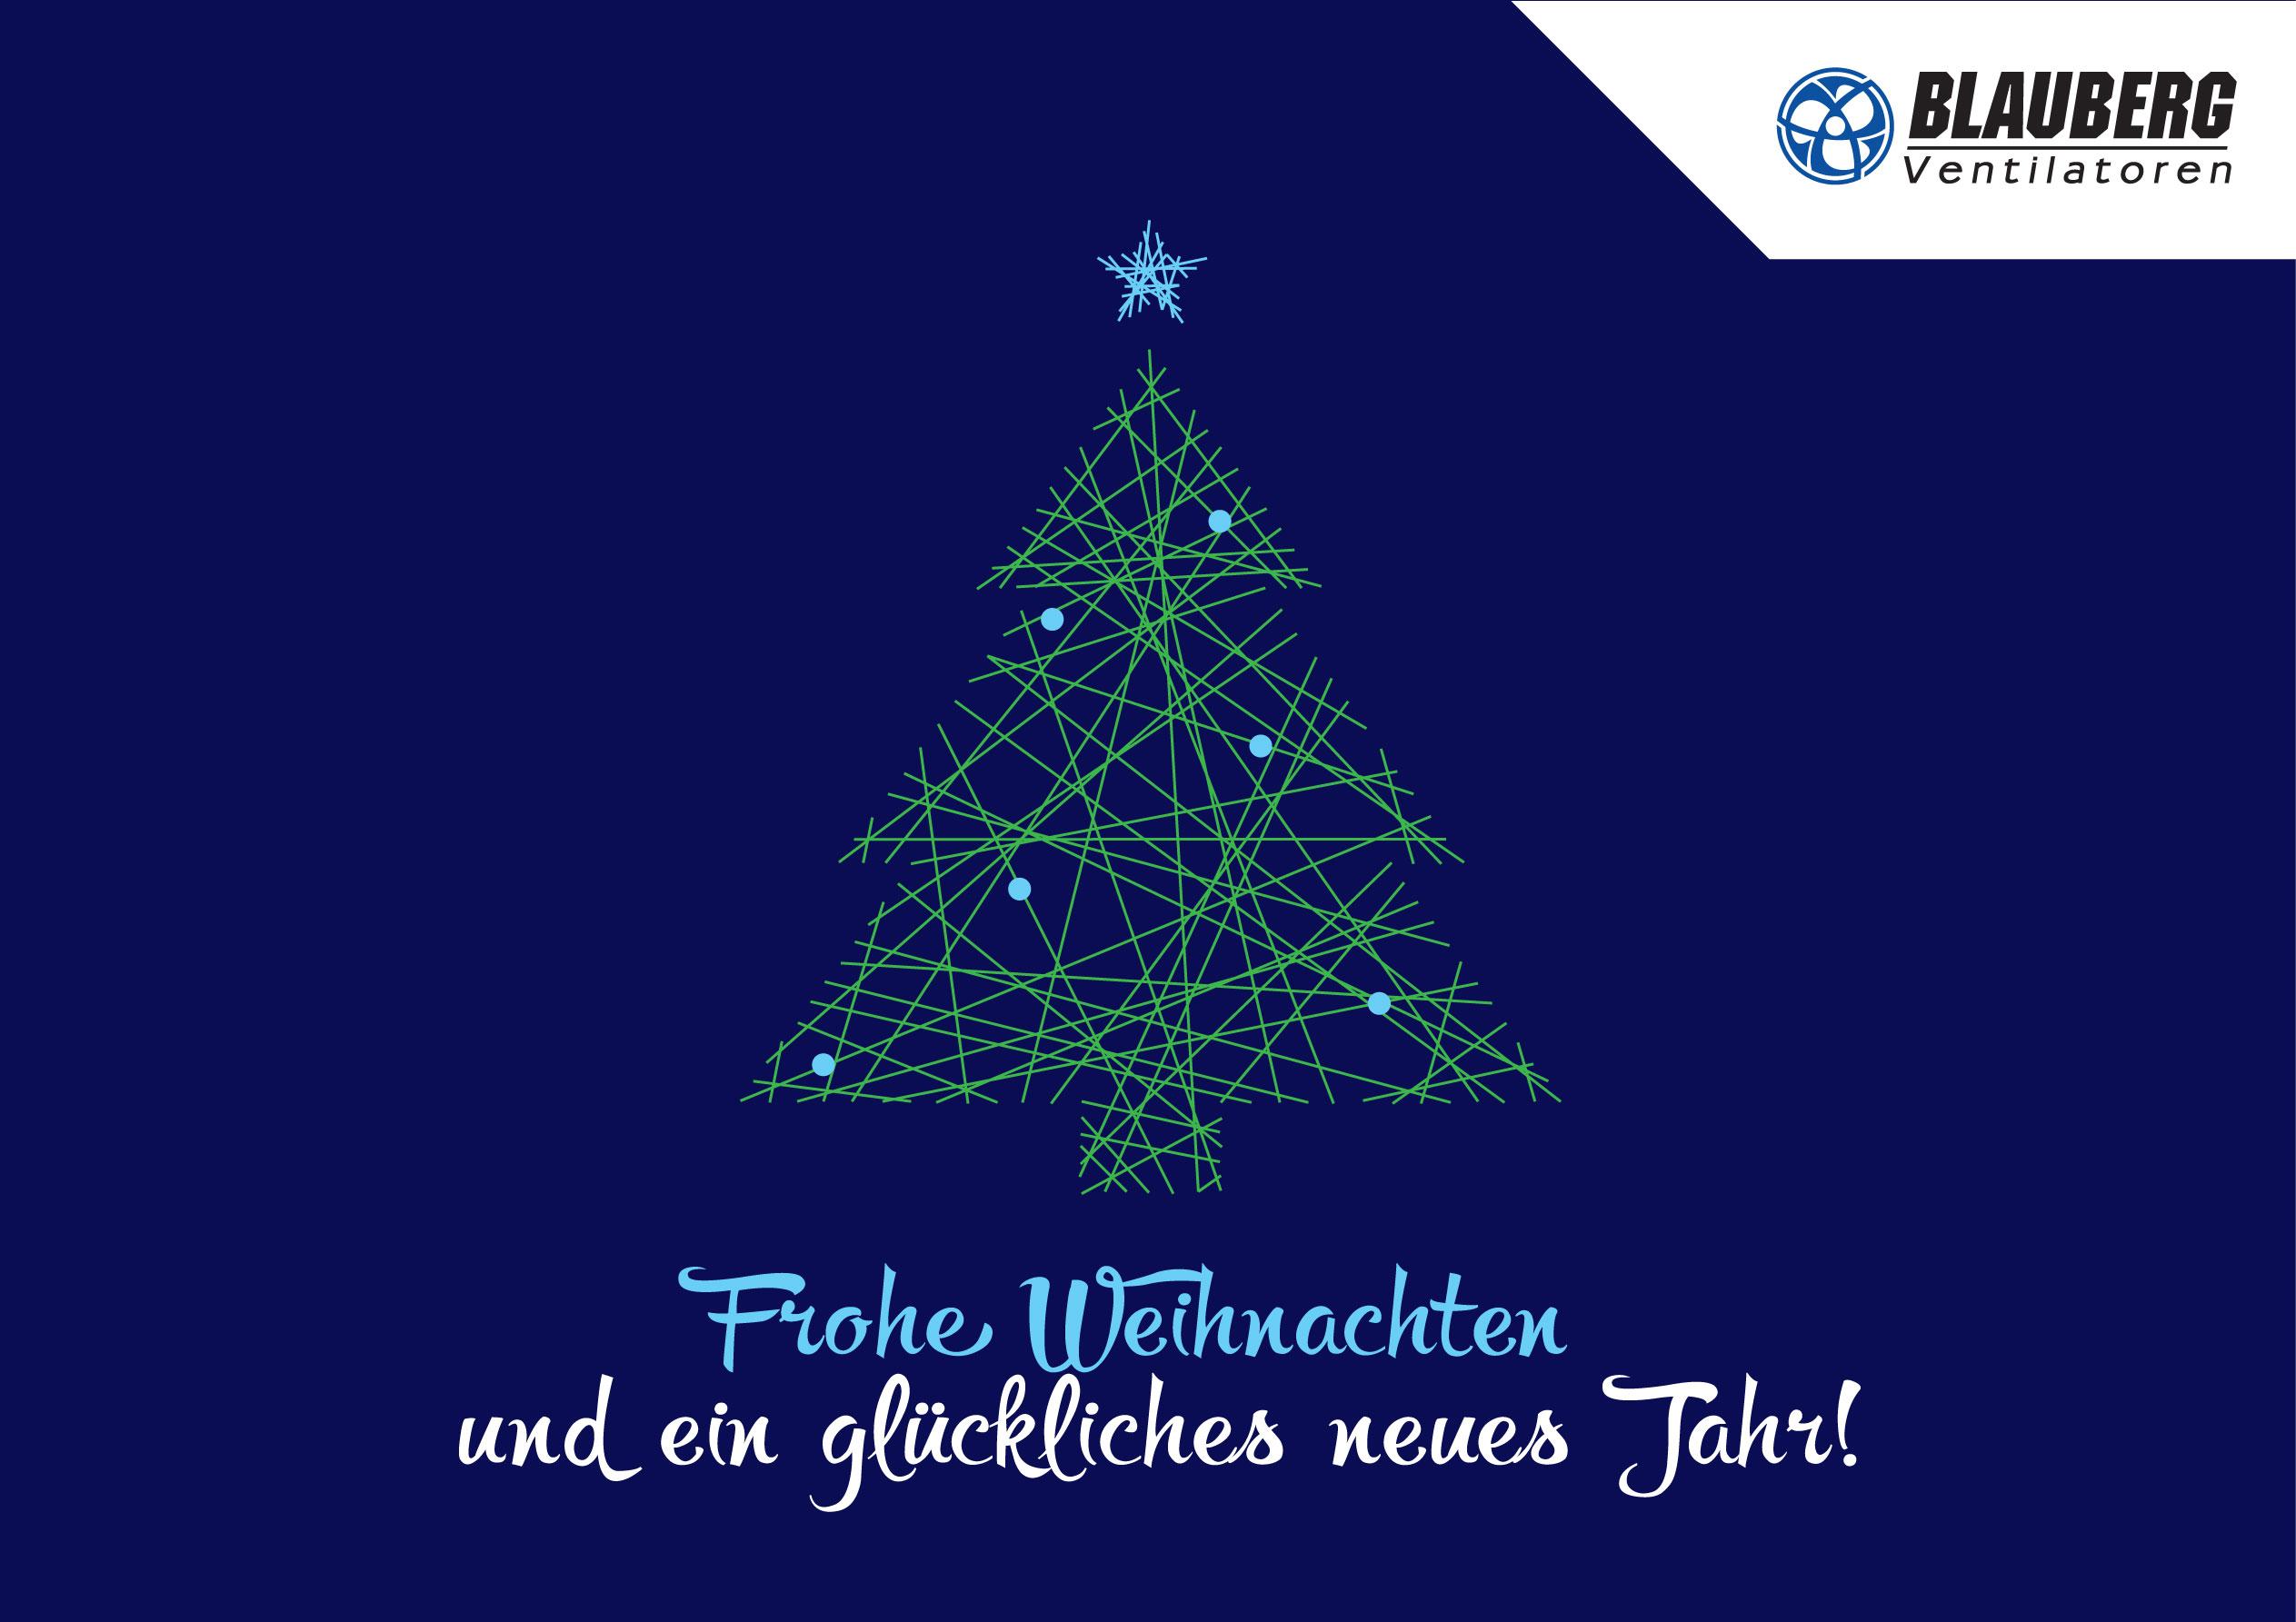 Wir wünschen Ihnen frohe Weihnachten und einen guten Rutsch ins neue ...